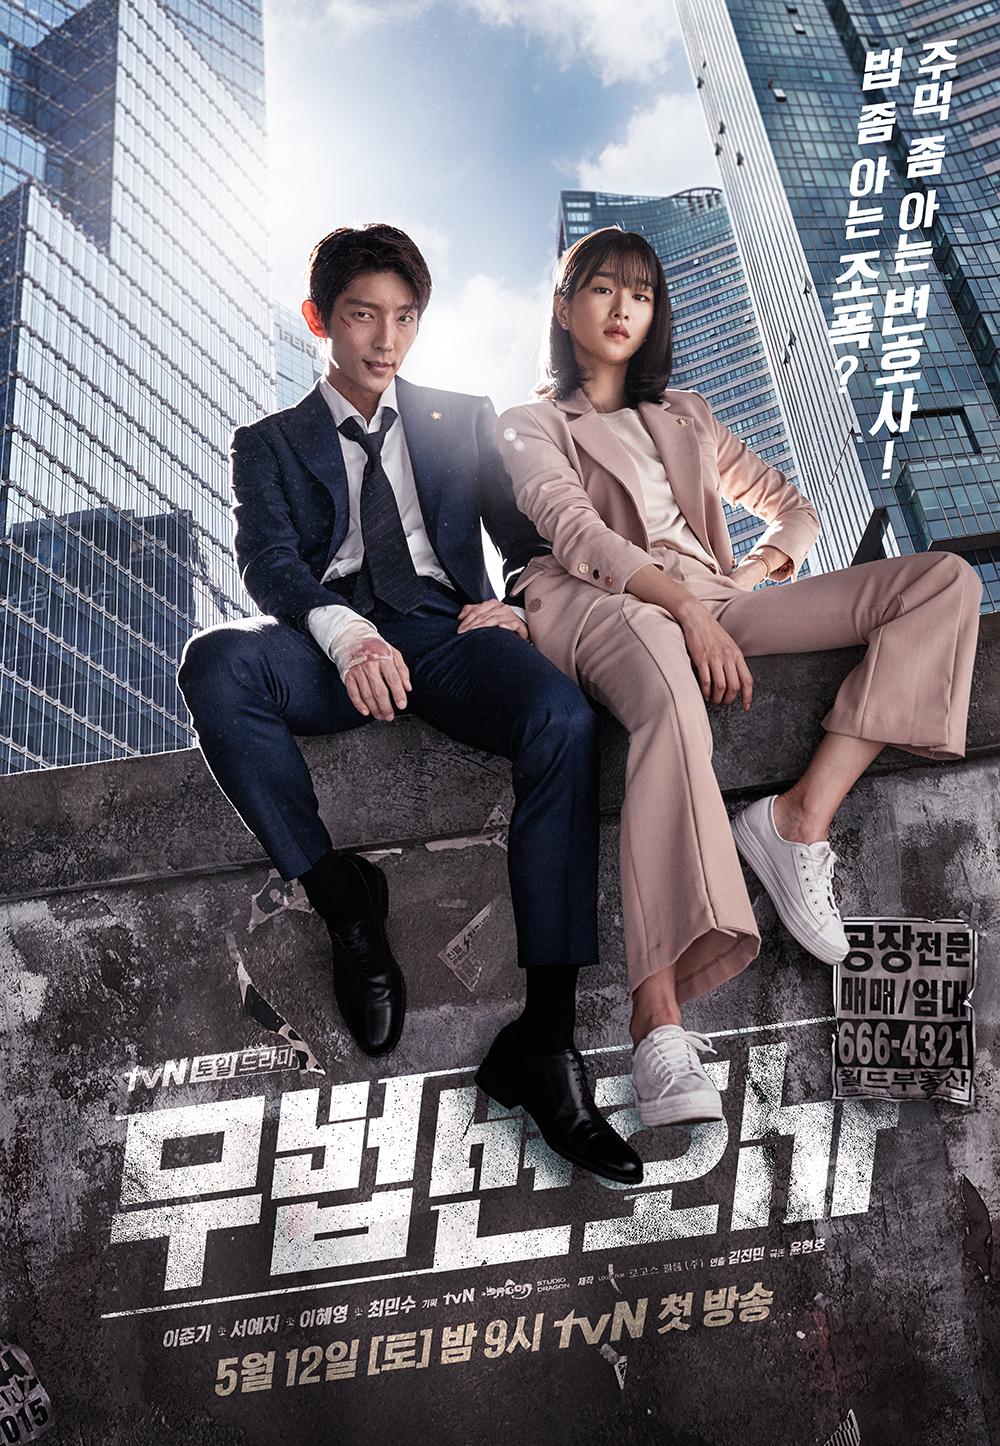 Phim Lee Jun Ki đóng: luật sư vô pháp